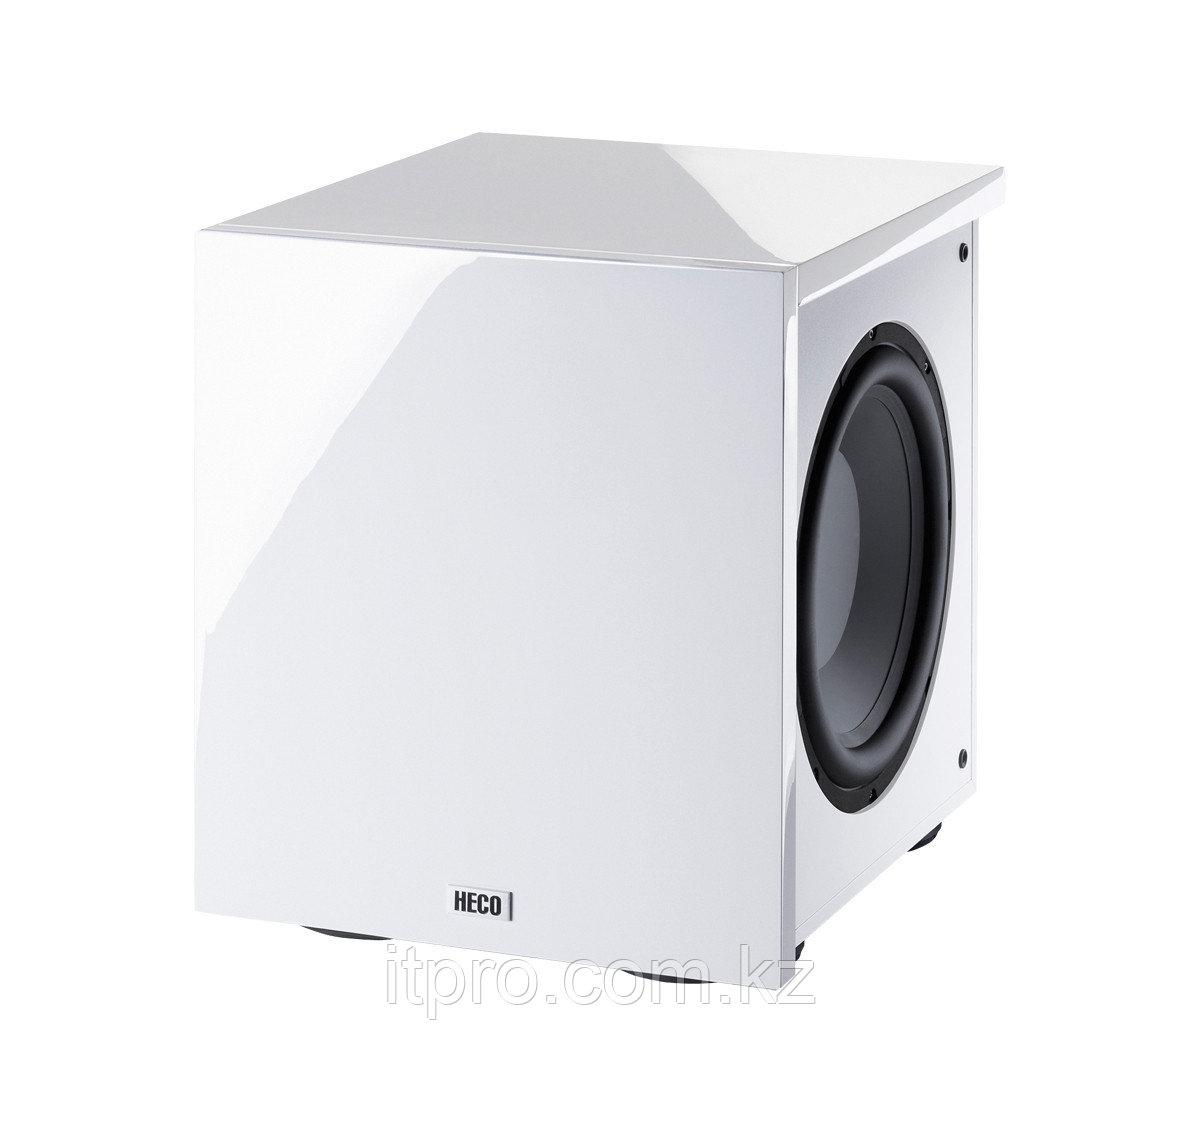 Активный сабвуфер HECO New Phalanx Micro 302A piano white